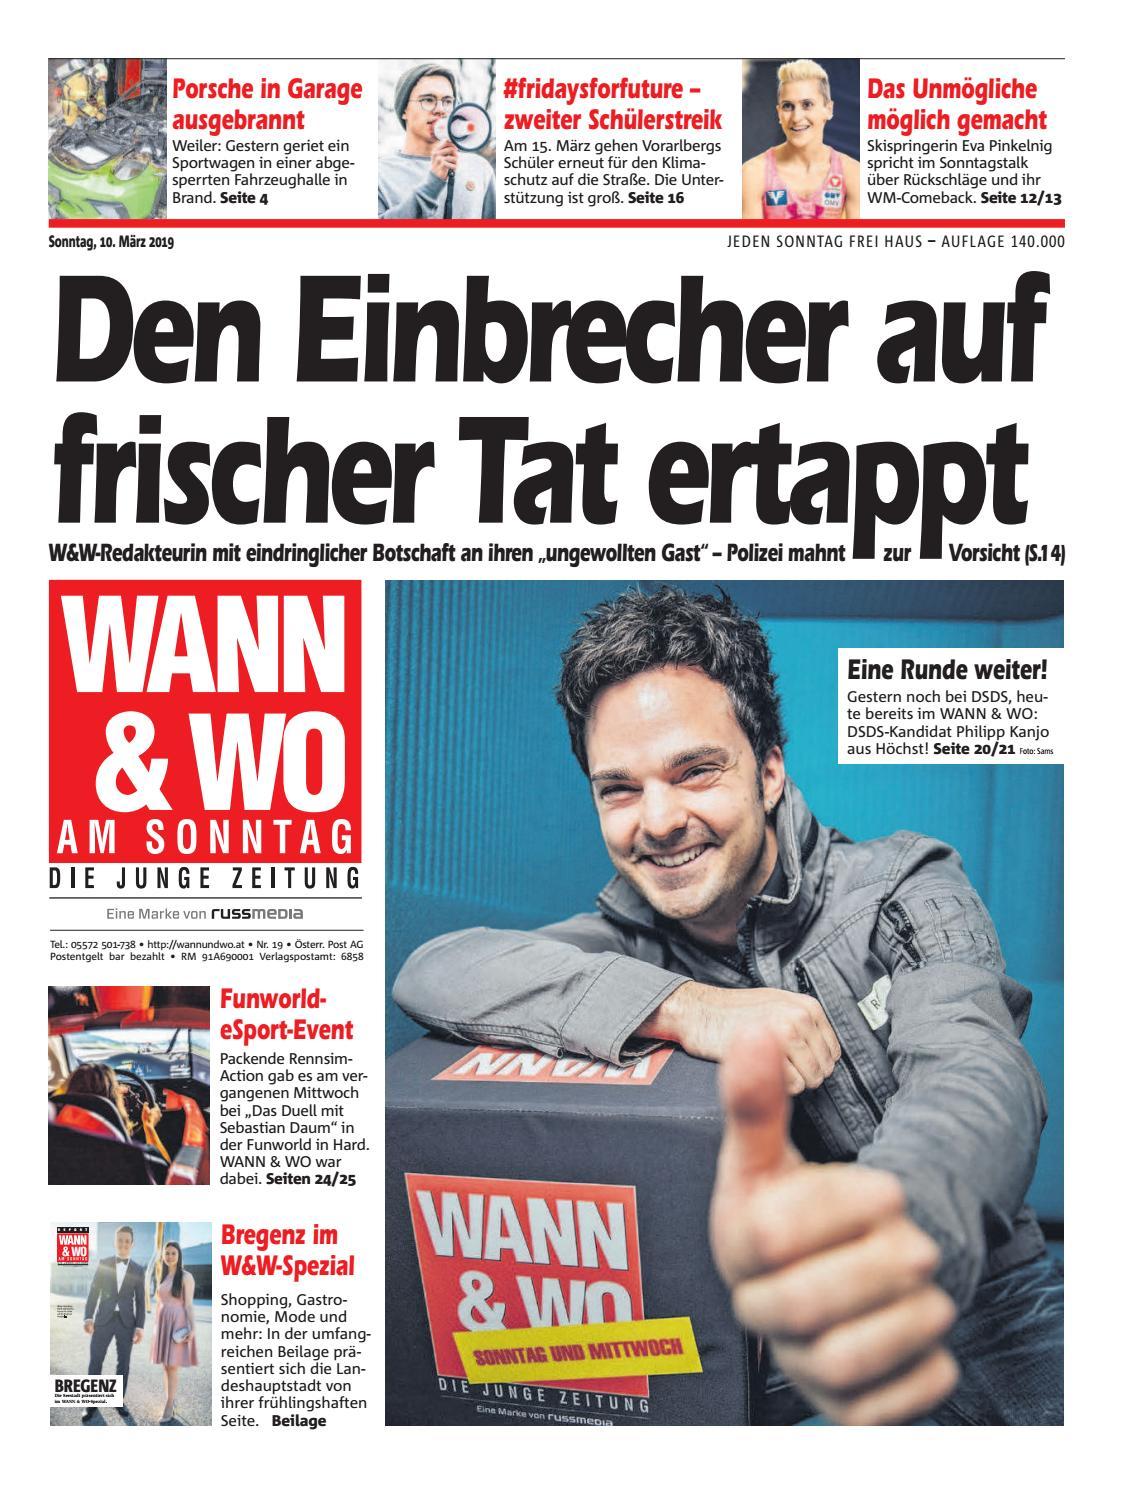 Zahlreiche Parteiaustritte bei FDP nach Thringen-Debakel